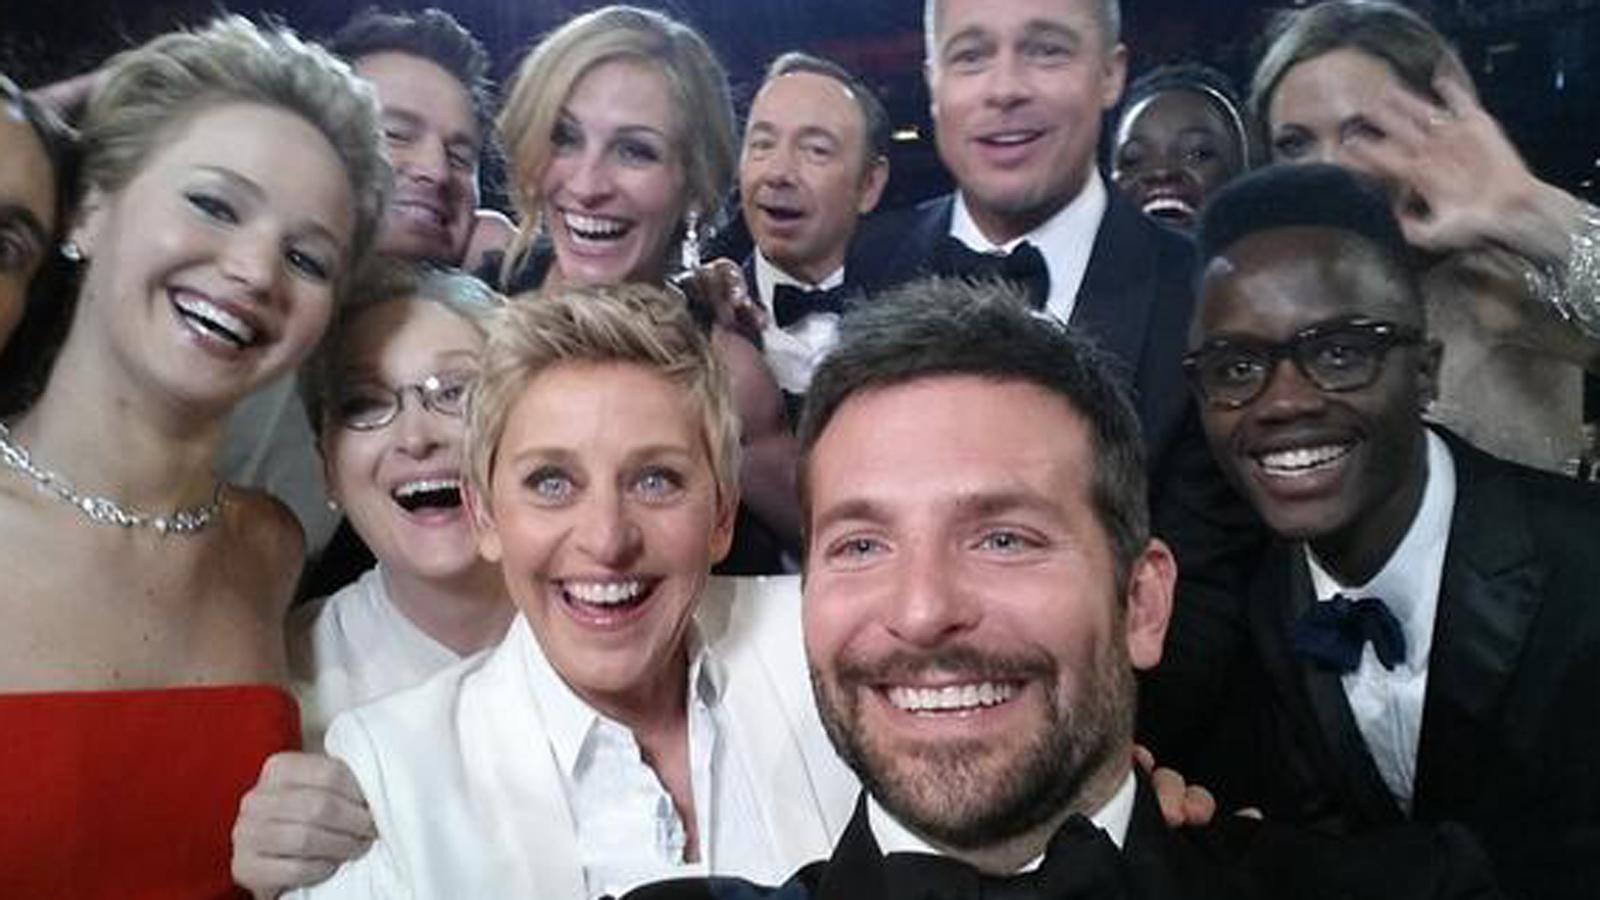 Selfie - Wikipedia